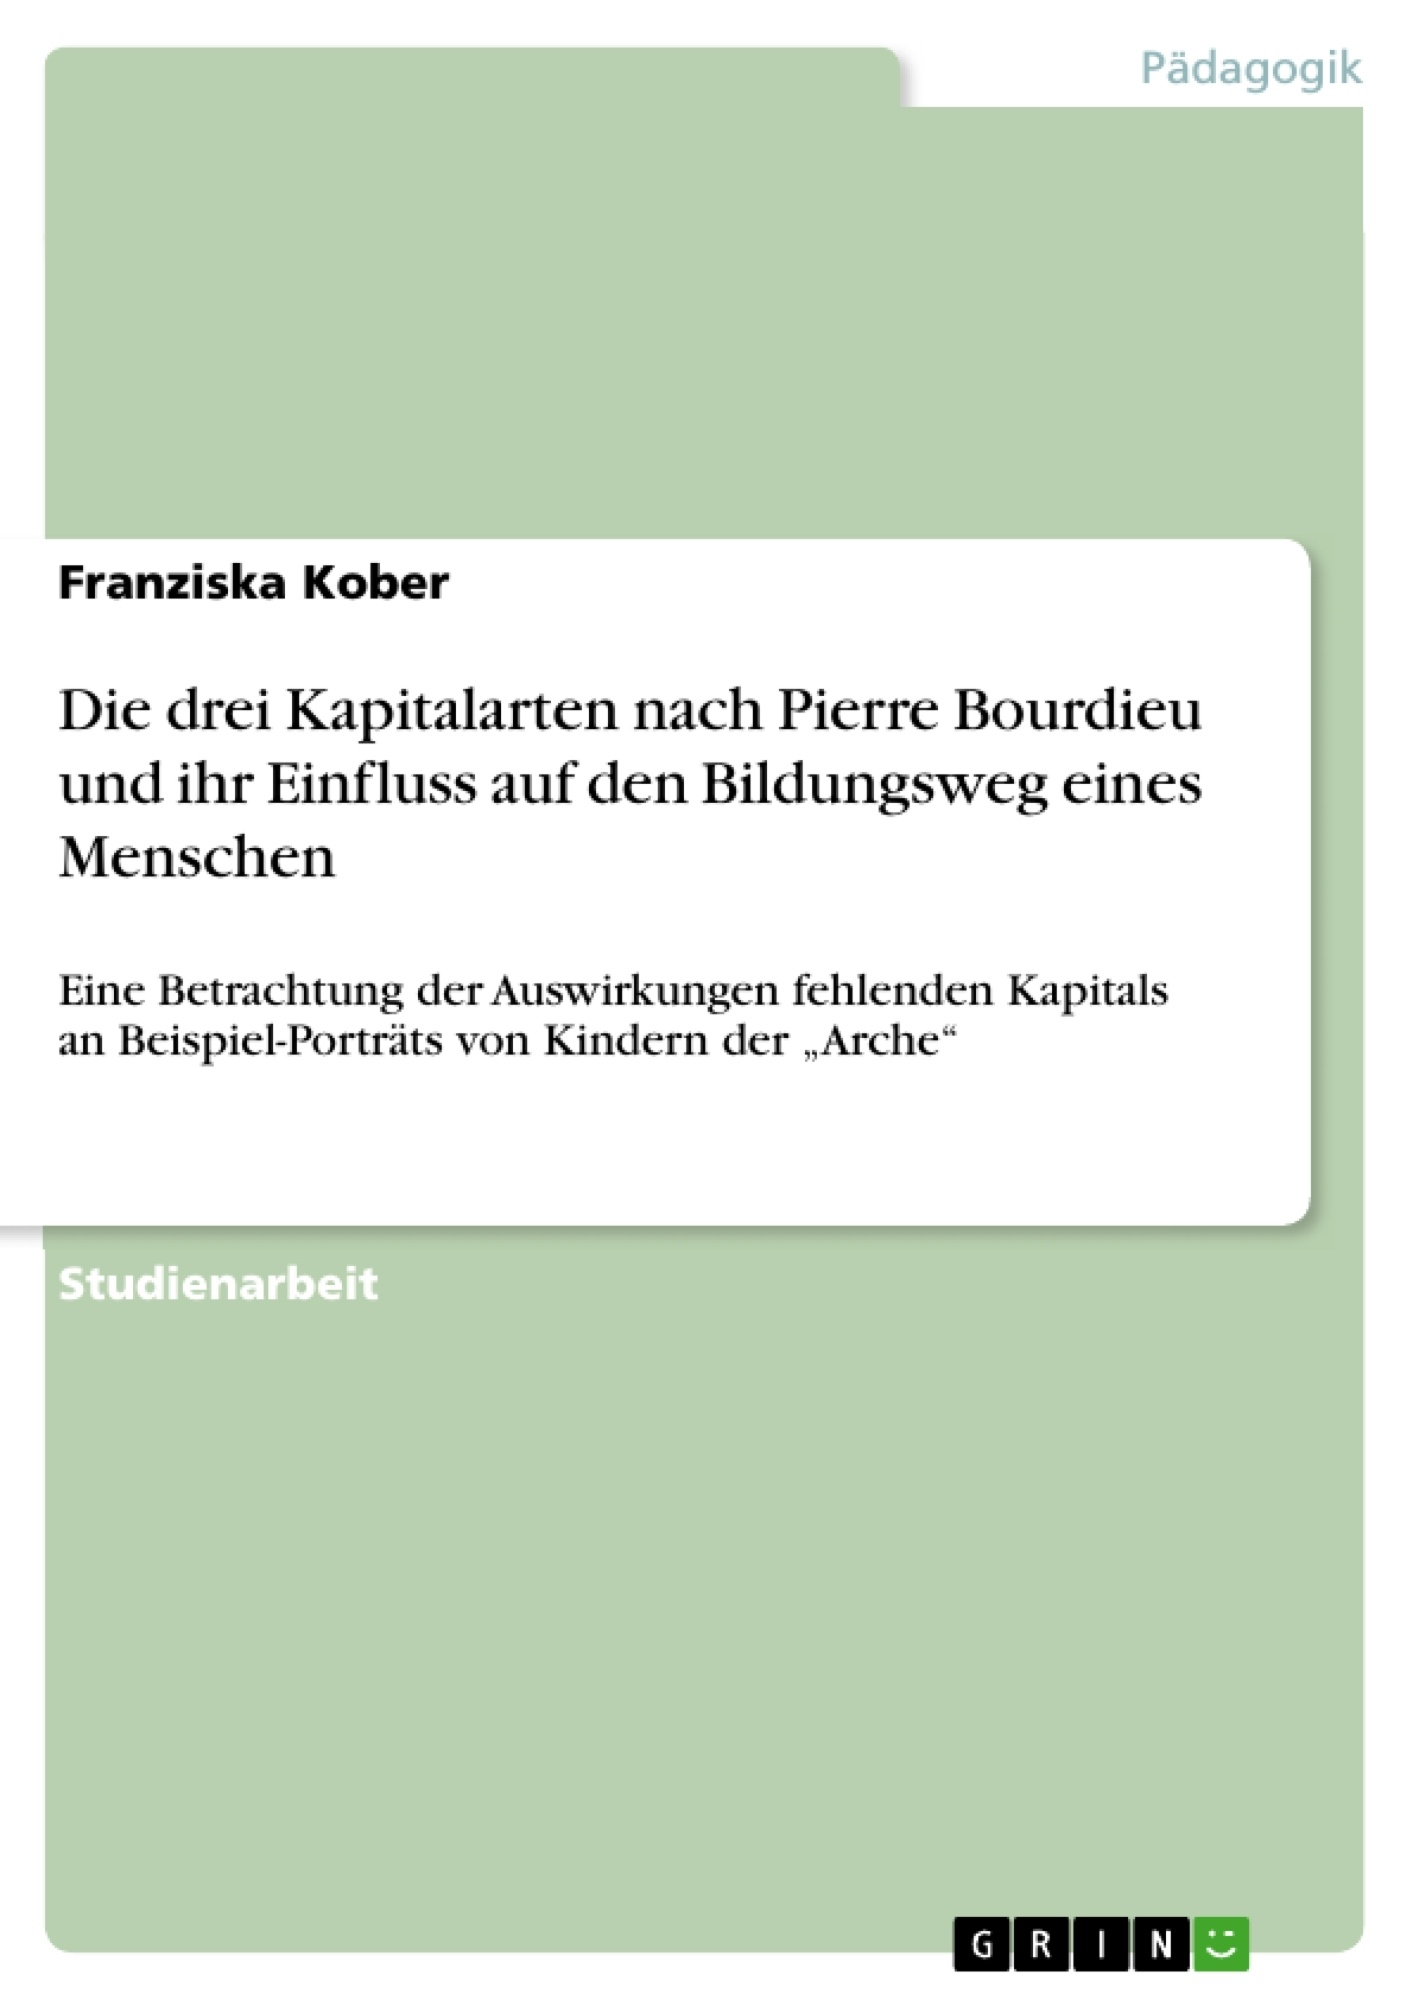 Titel: Die drei Kapitalarten nach Pierre Bourdieu und ihr Einfluss auf den Bildungsweg eines Menschen